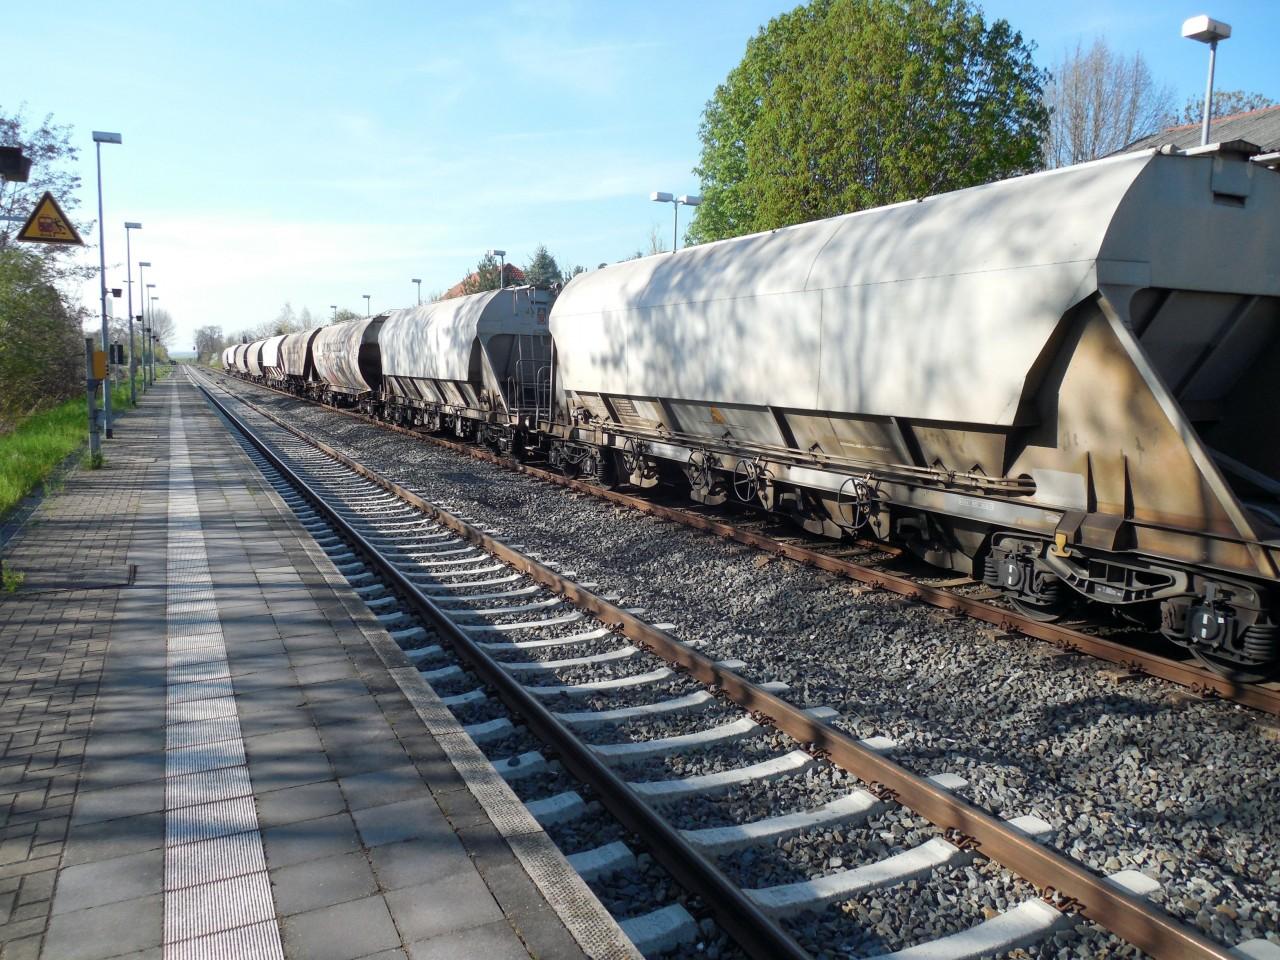 Япония и Россия пробуют новые грузовые маршруты с использованием Транссиба